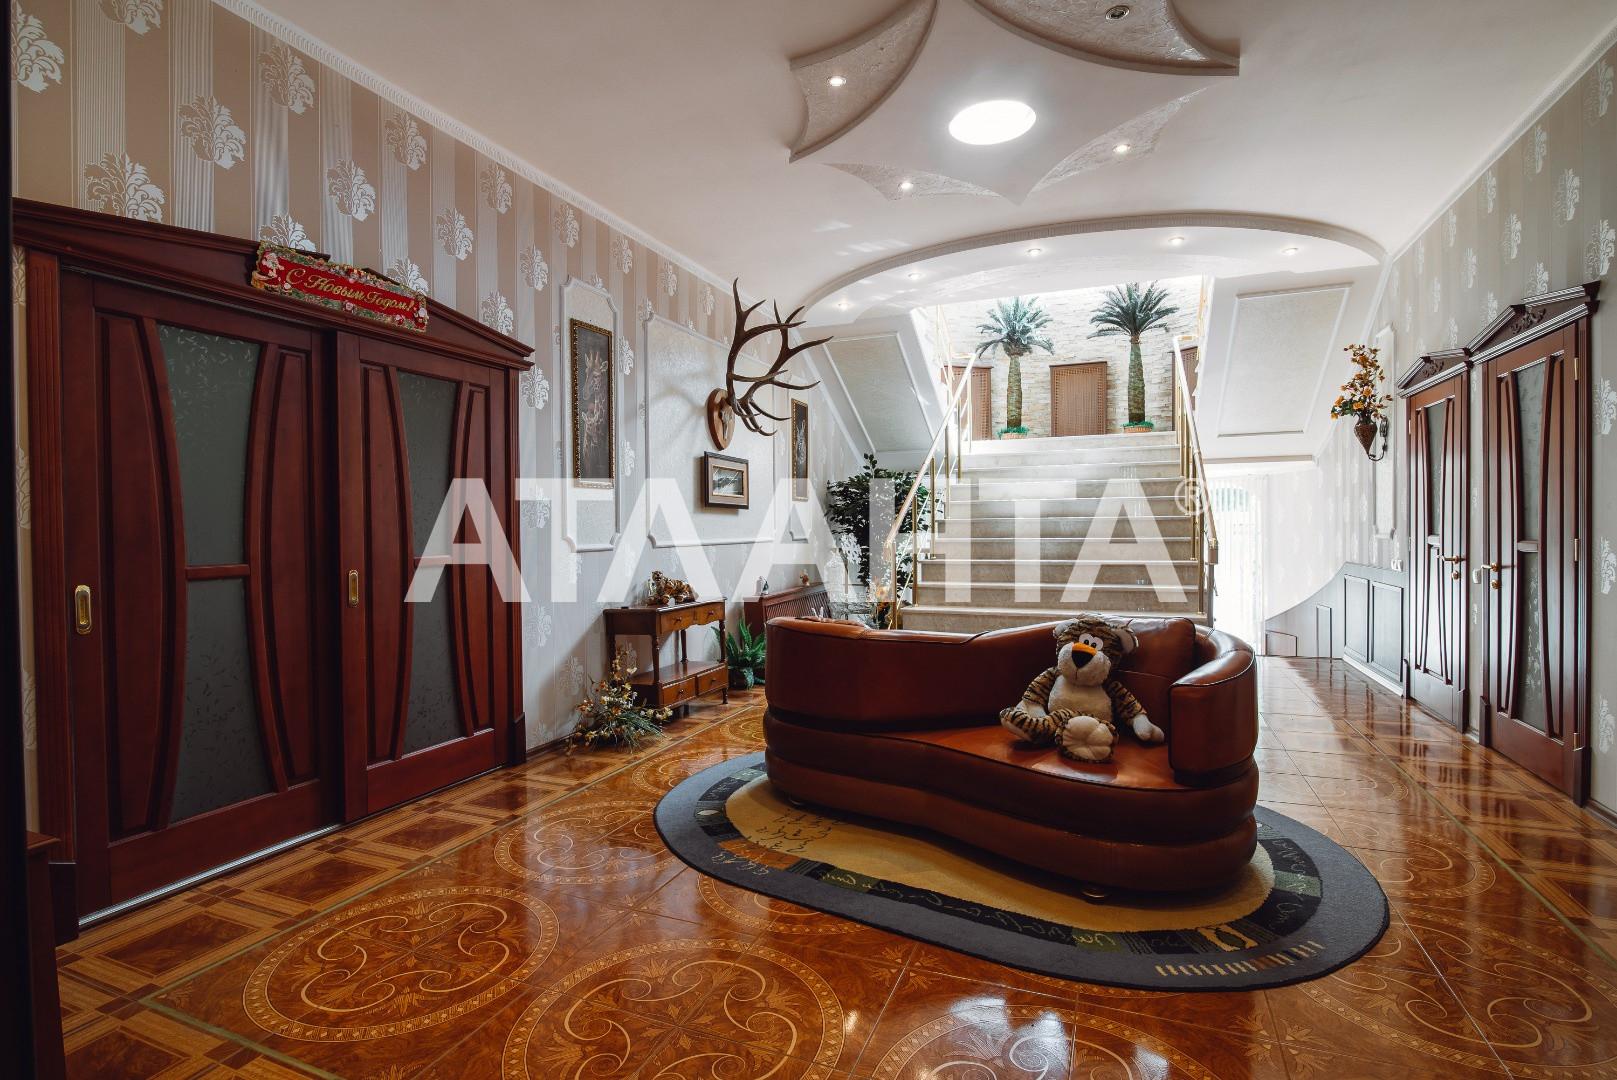 Продается Дом на ул. Аркадиевский Пер. — 1 300 000 у.е. (фото №8)